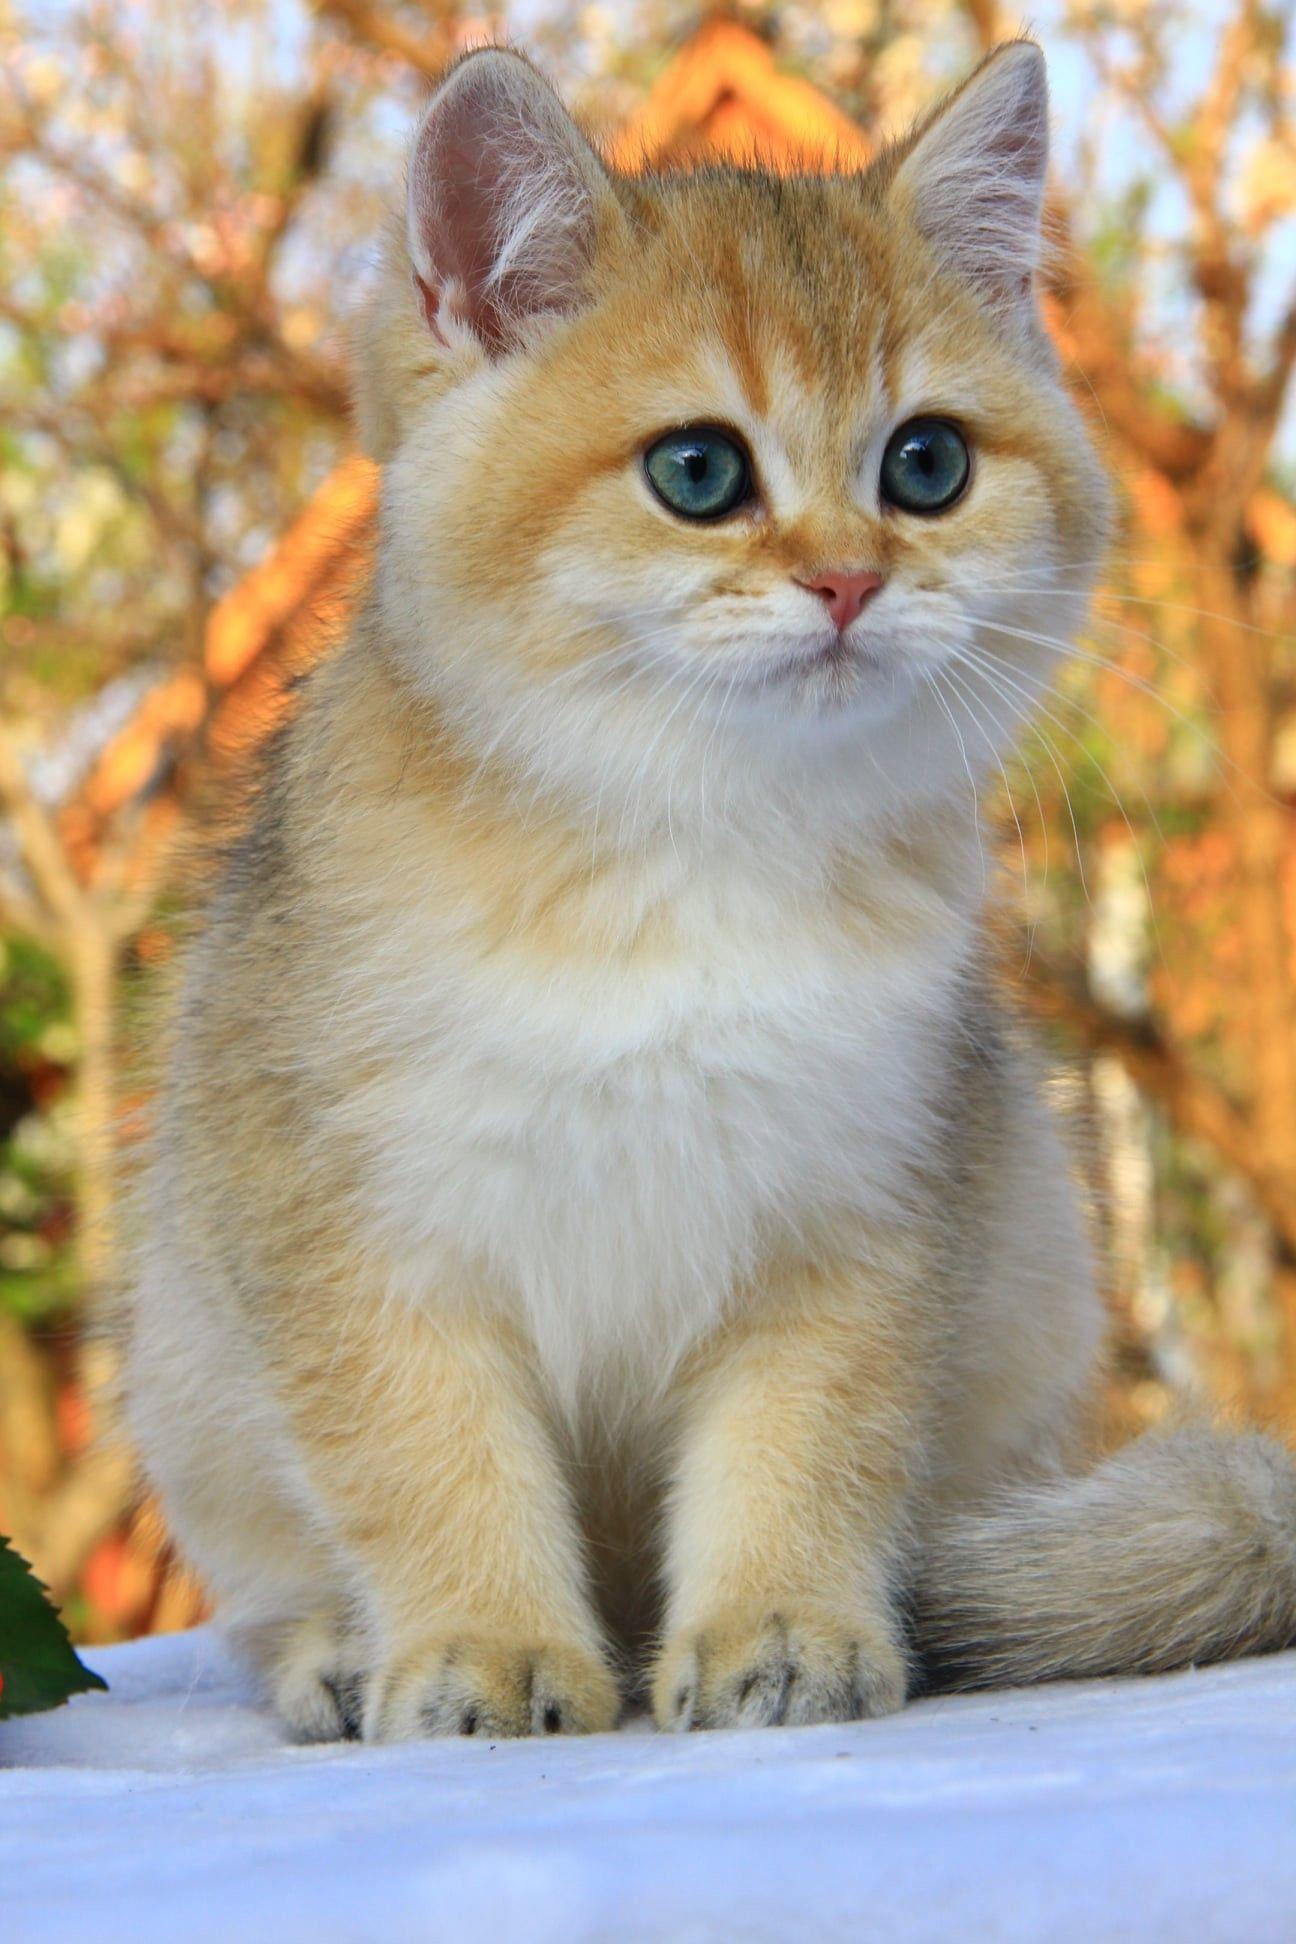 Kitty Kittens British Shorthair Ny11 Ny25 Golden Cat Male For Sale Cats British Shorthair Kittens Cute Cats